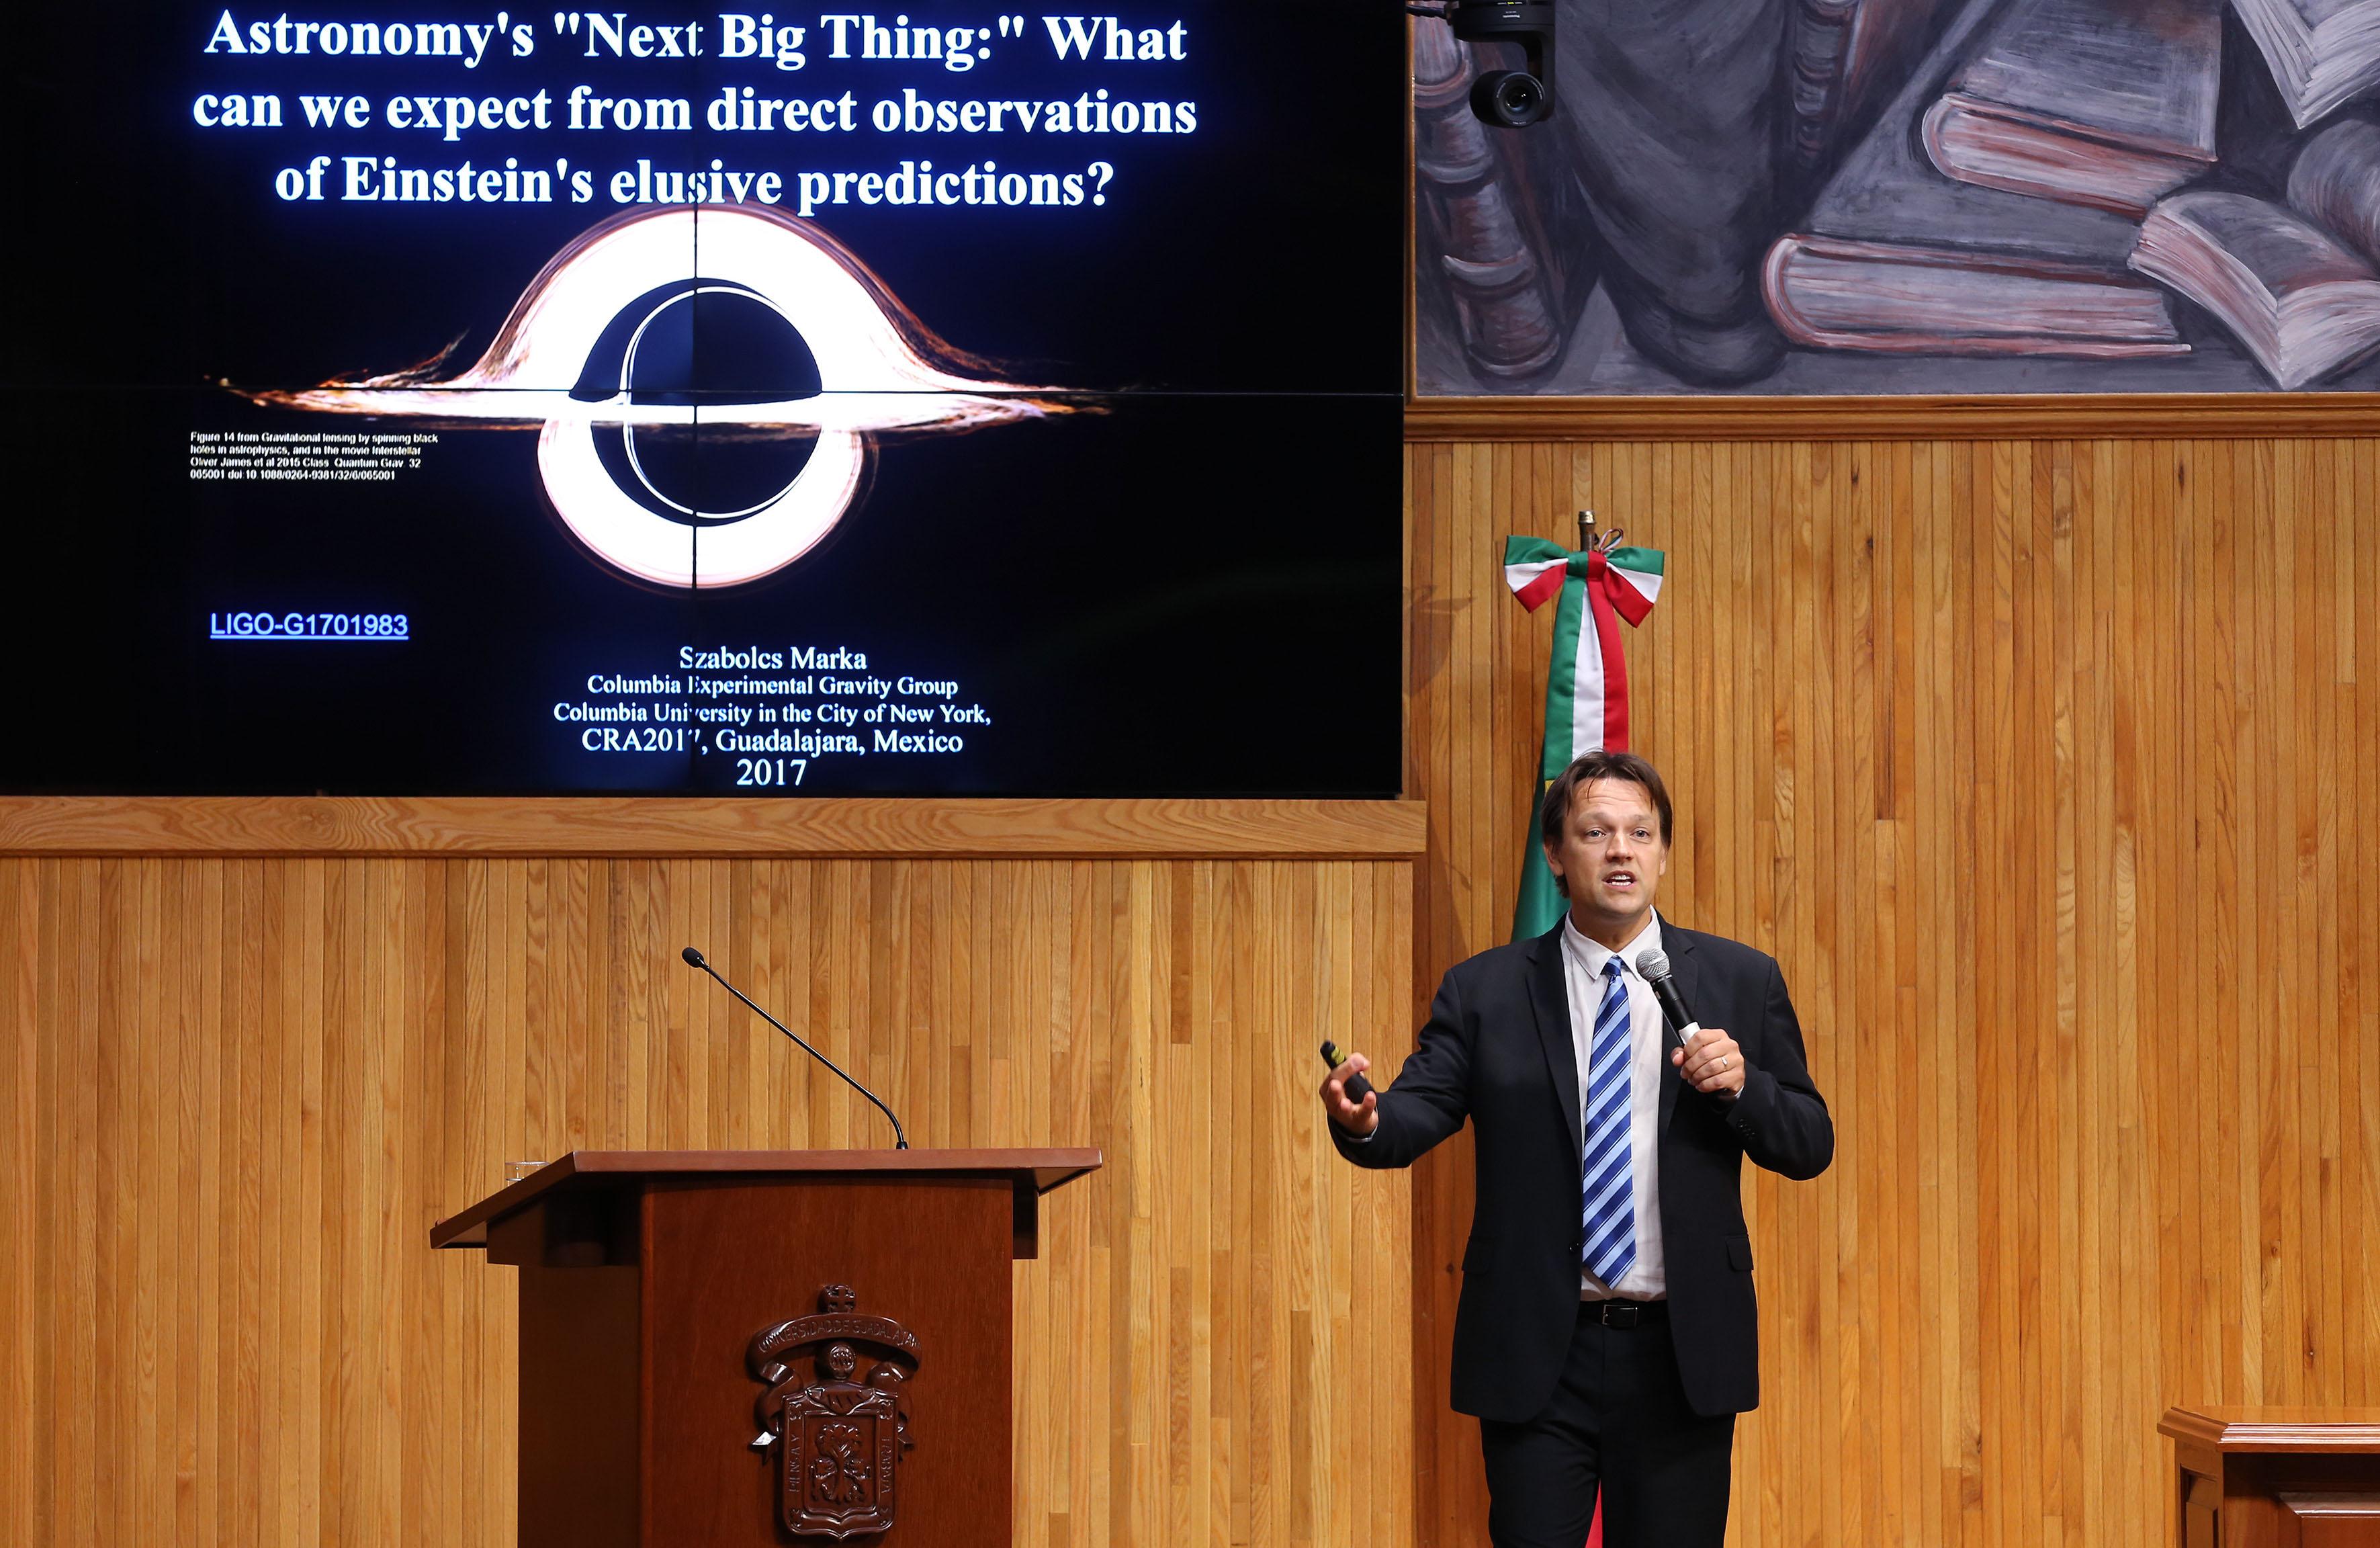 """En el Paraninfo Enrique Díaz de León, impartió la conferencia magistral """"El siguiente gran salto de la astronomía: multi mensajeros con las predicciones elusivas de Einstein; las ondas gravitacionales""""."""